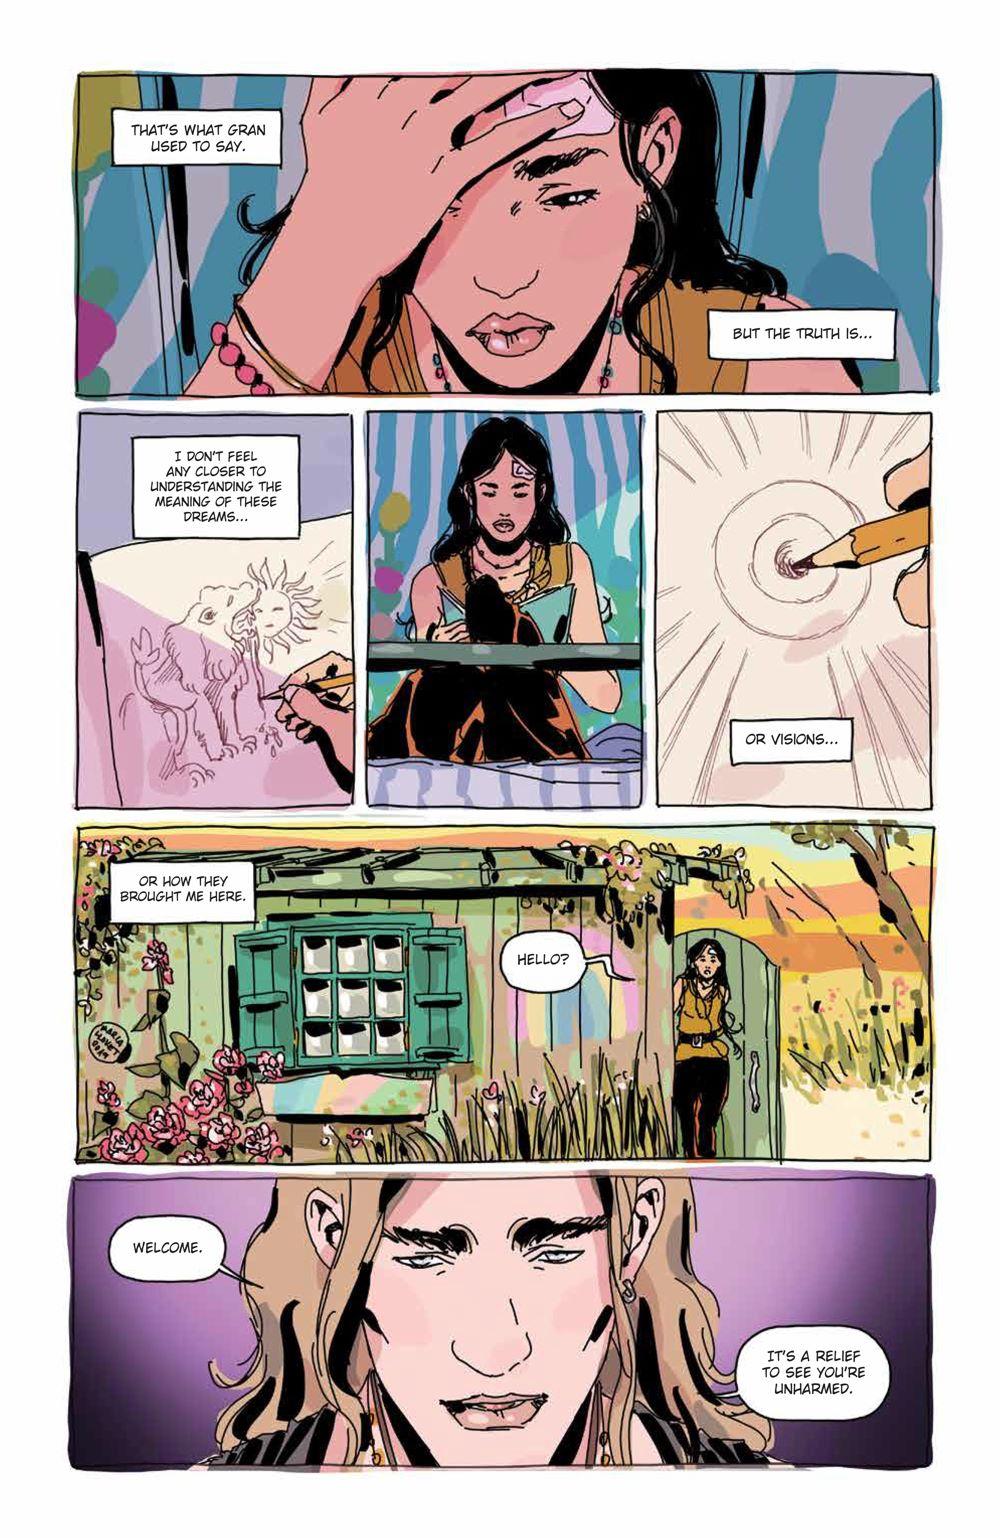 Luna_001_PRESS_7 ComicList Previews: LUNA #1 (OF 5)